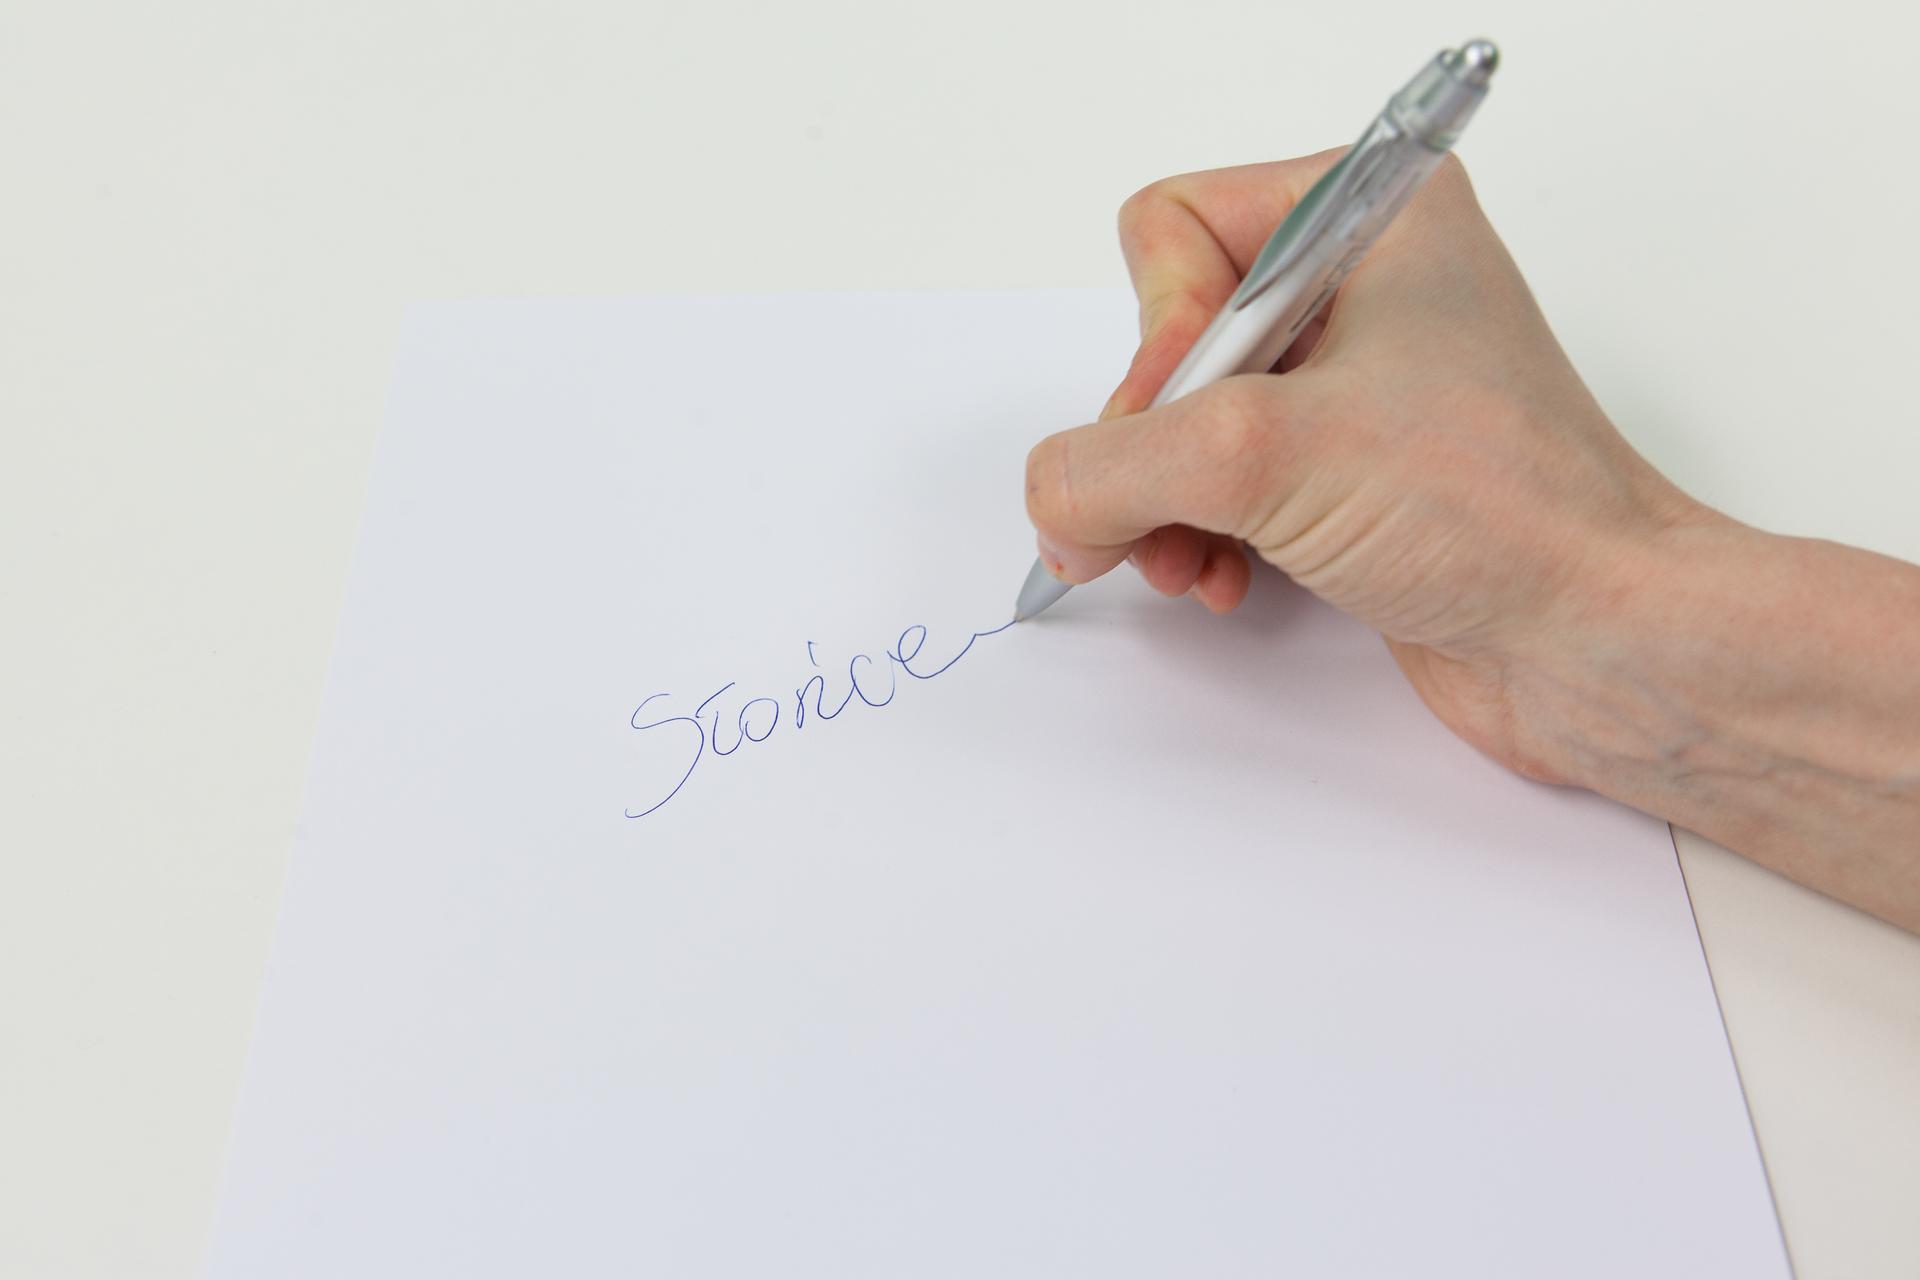 Zdjęcie dłoni zdługopisem piszącym po kartce